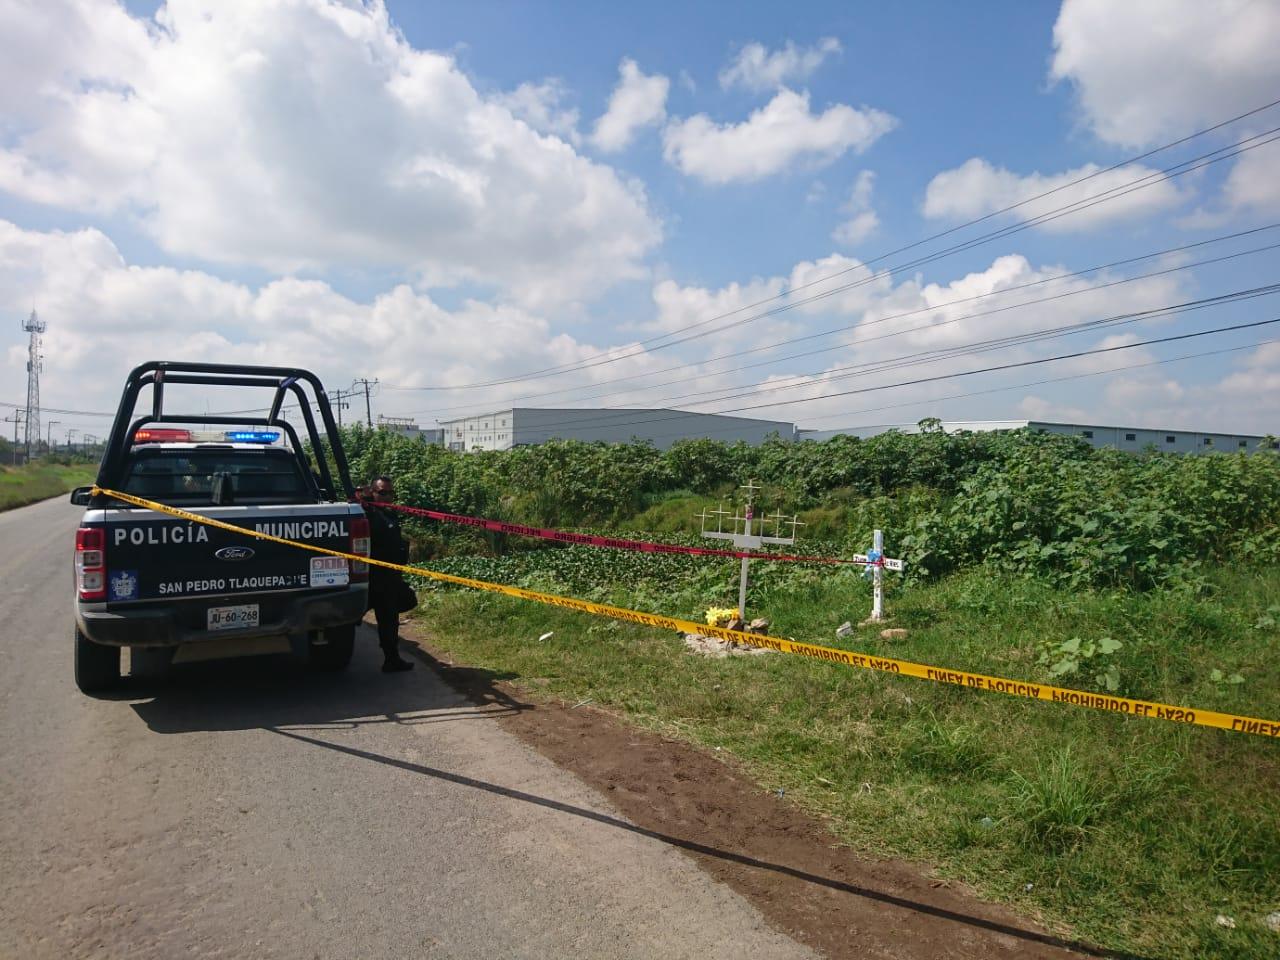 5c8679429 La mañana de este lunes dos cuerpos envueltos en bolsas negras y 4 paquetes  más con restos humanos fueron localizados en un canal de aguas negras a la  ...